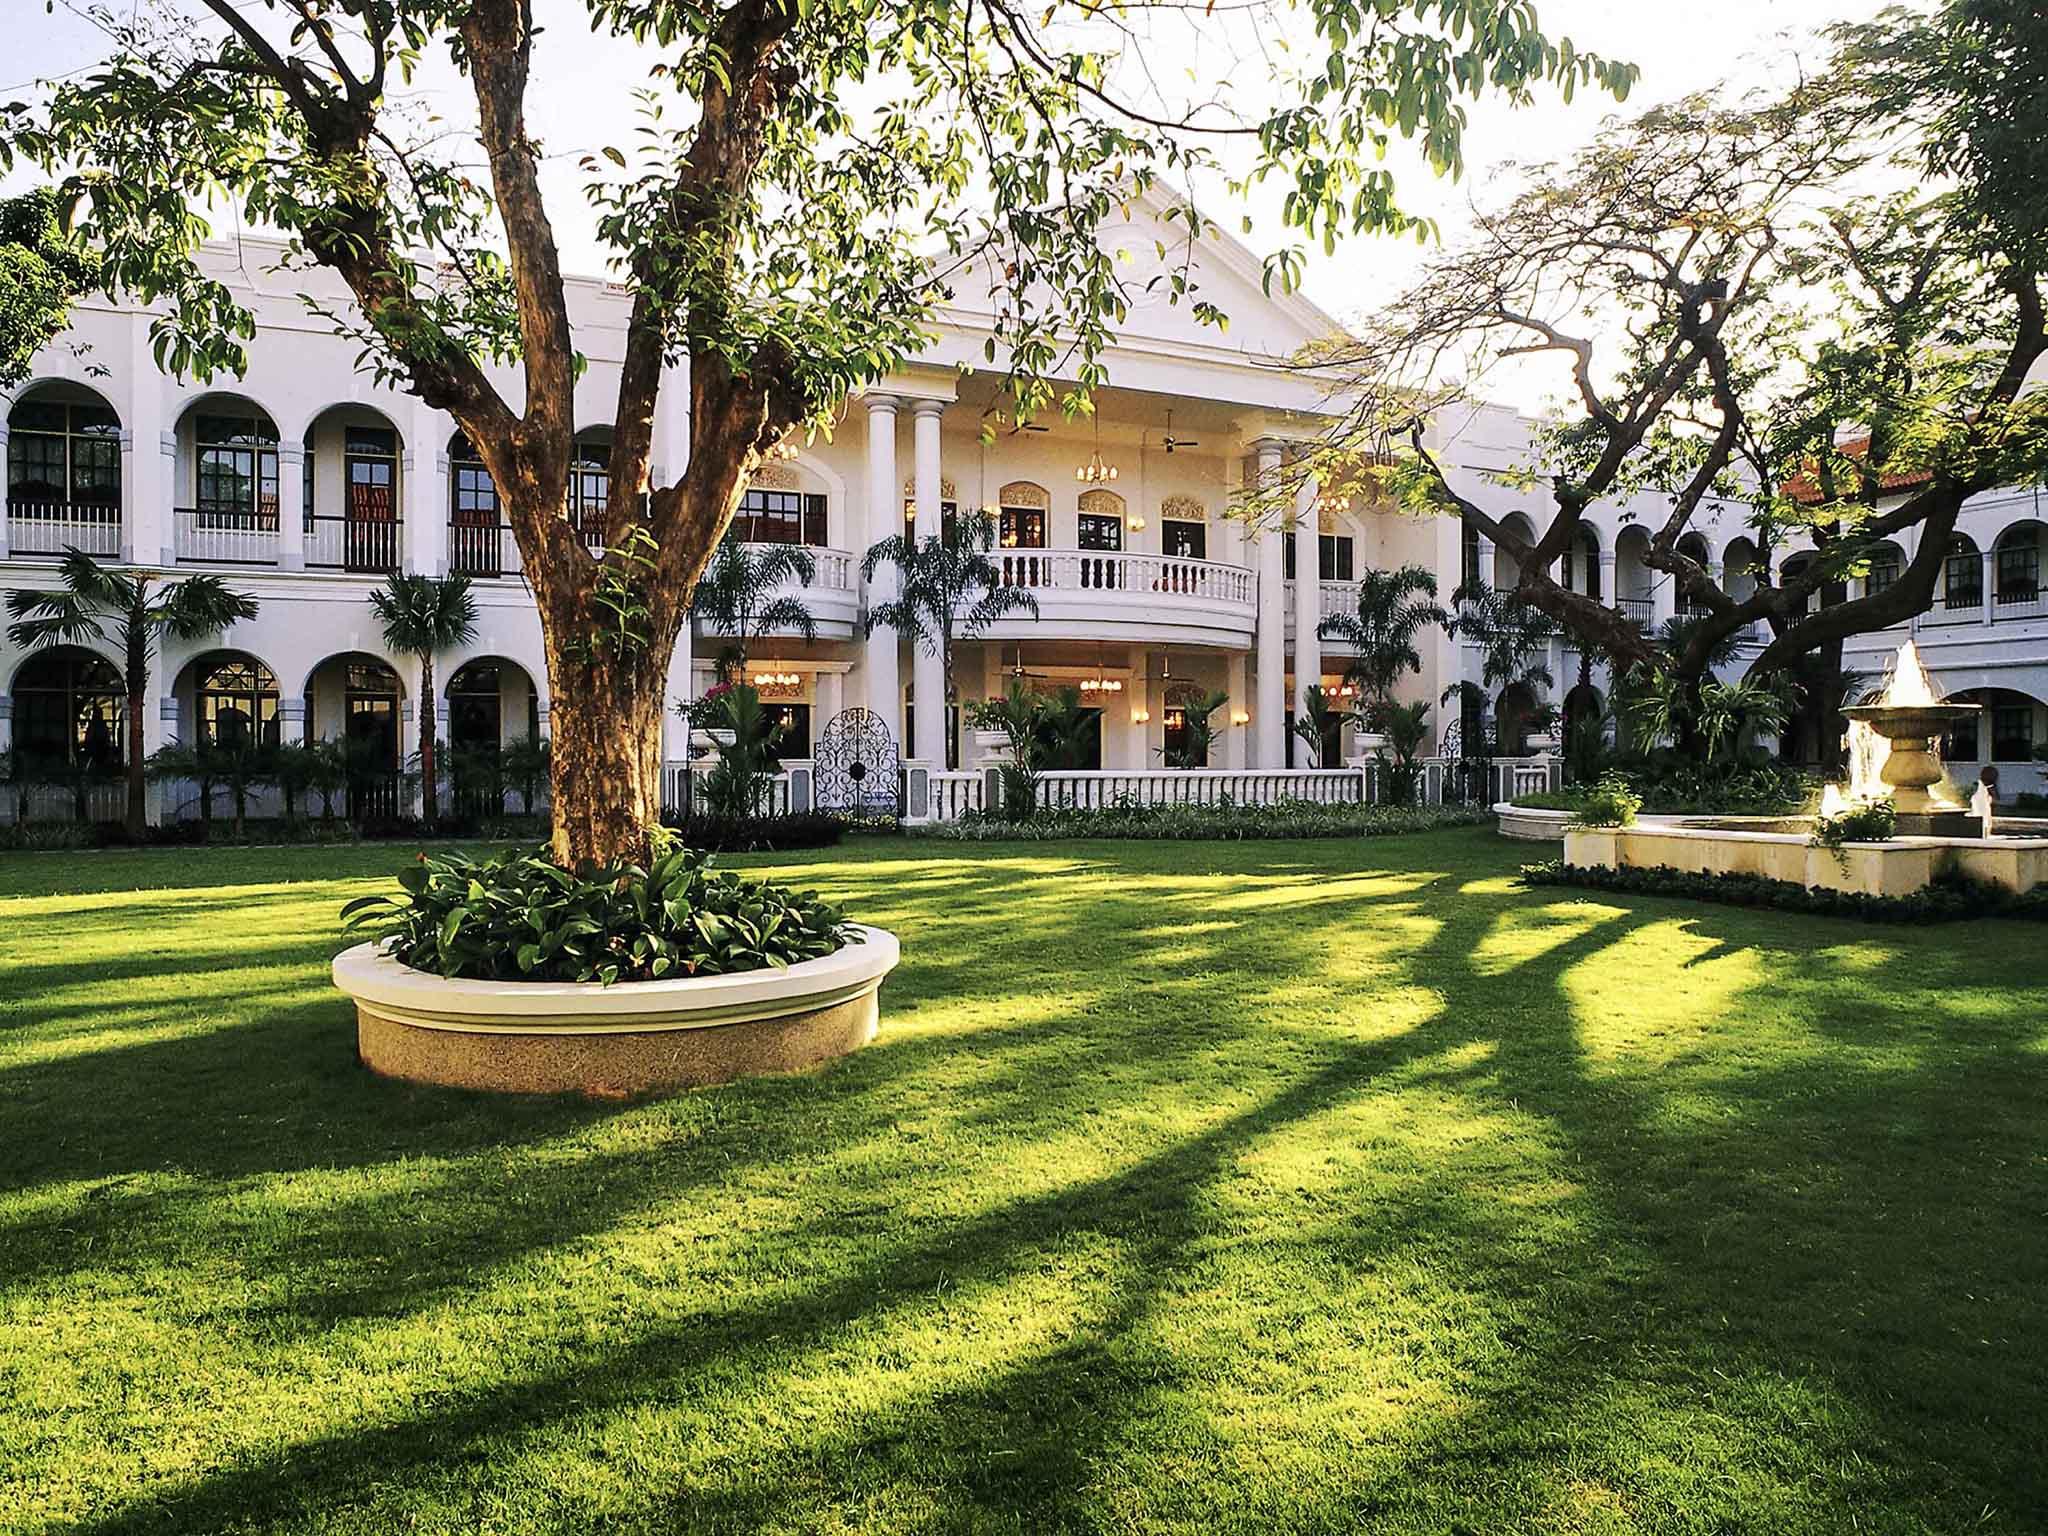 酒店 – 由雅高酒店集团管理的泗水满者伯夷酒店